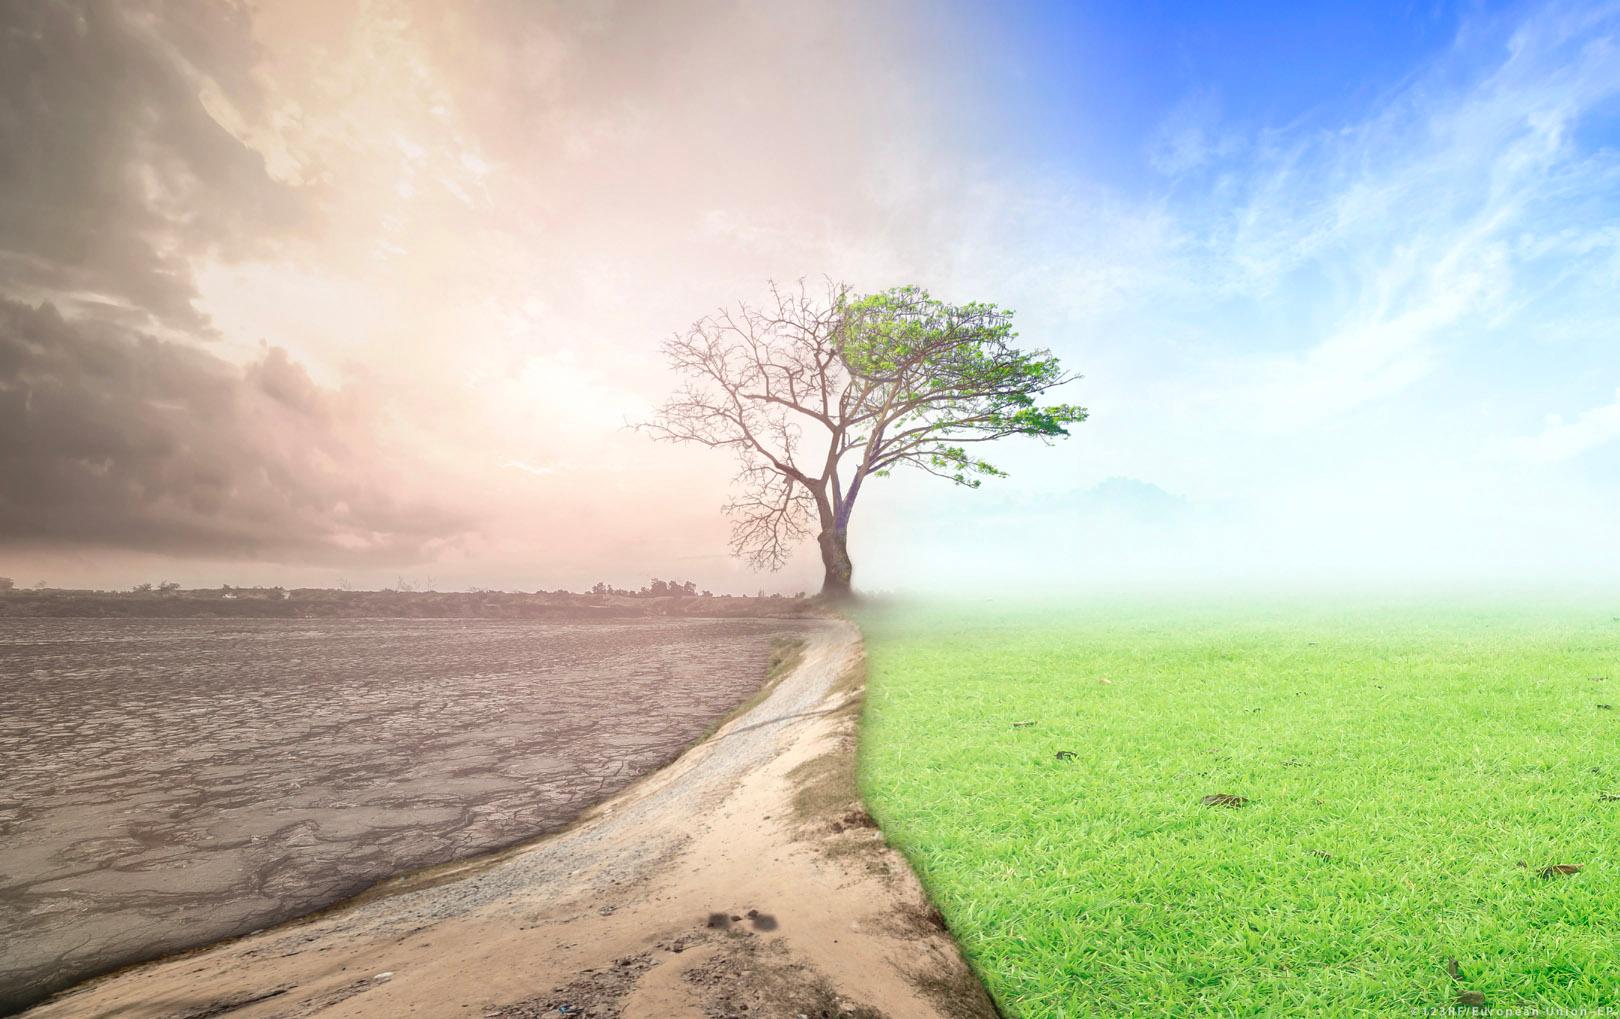 Regolamento UE per la neutralità climatica. Trevisi (M5S): Nostra Pdl sui cambiamenti climatici già pronta che aspetta da anni